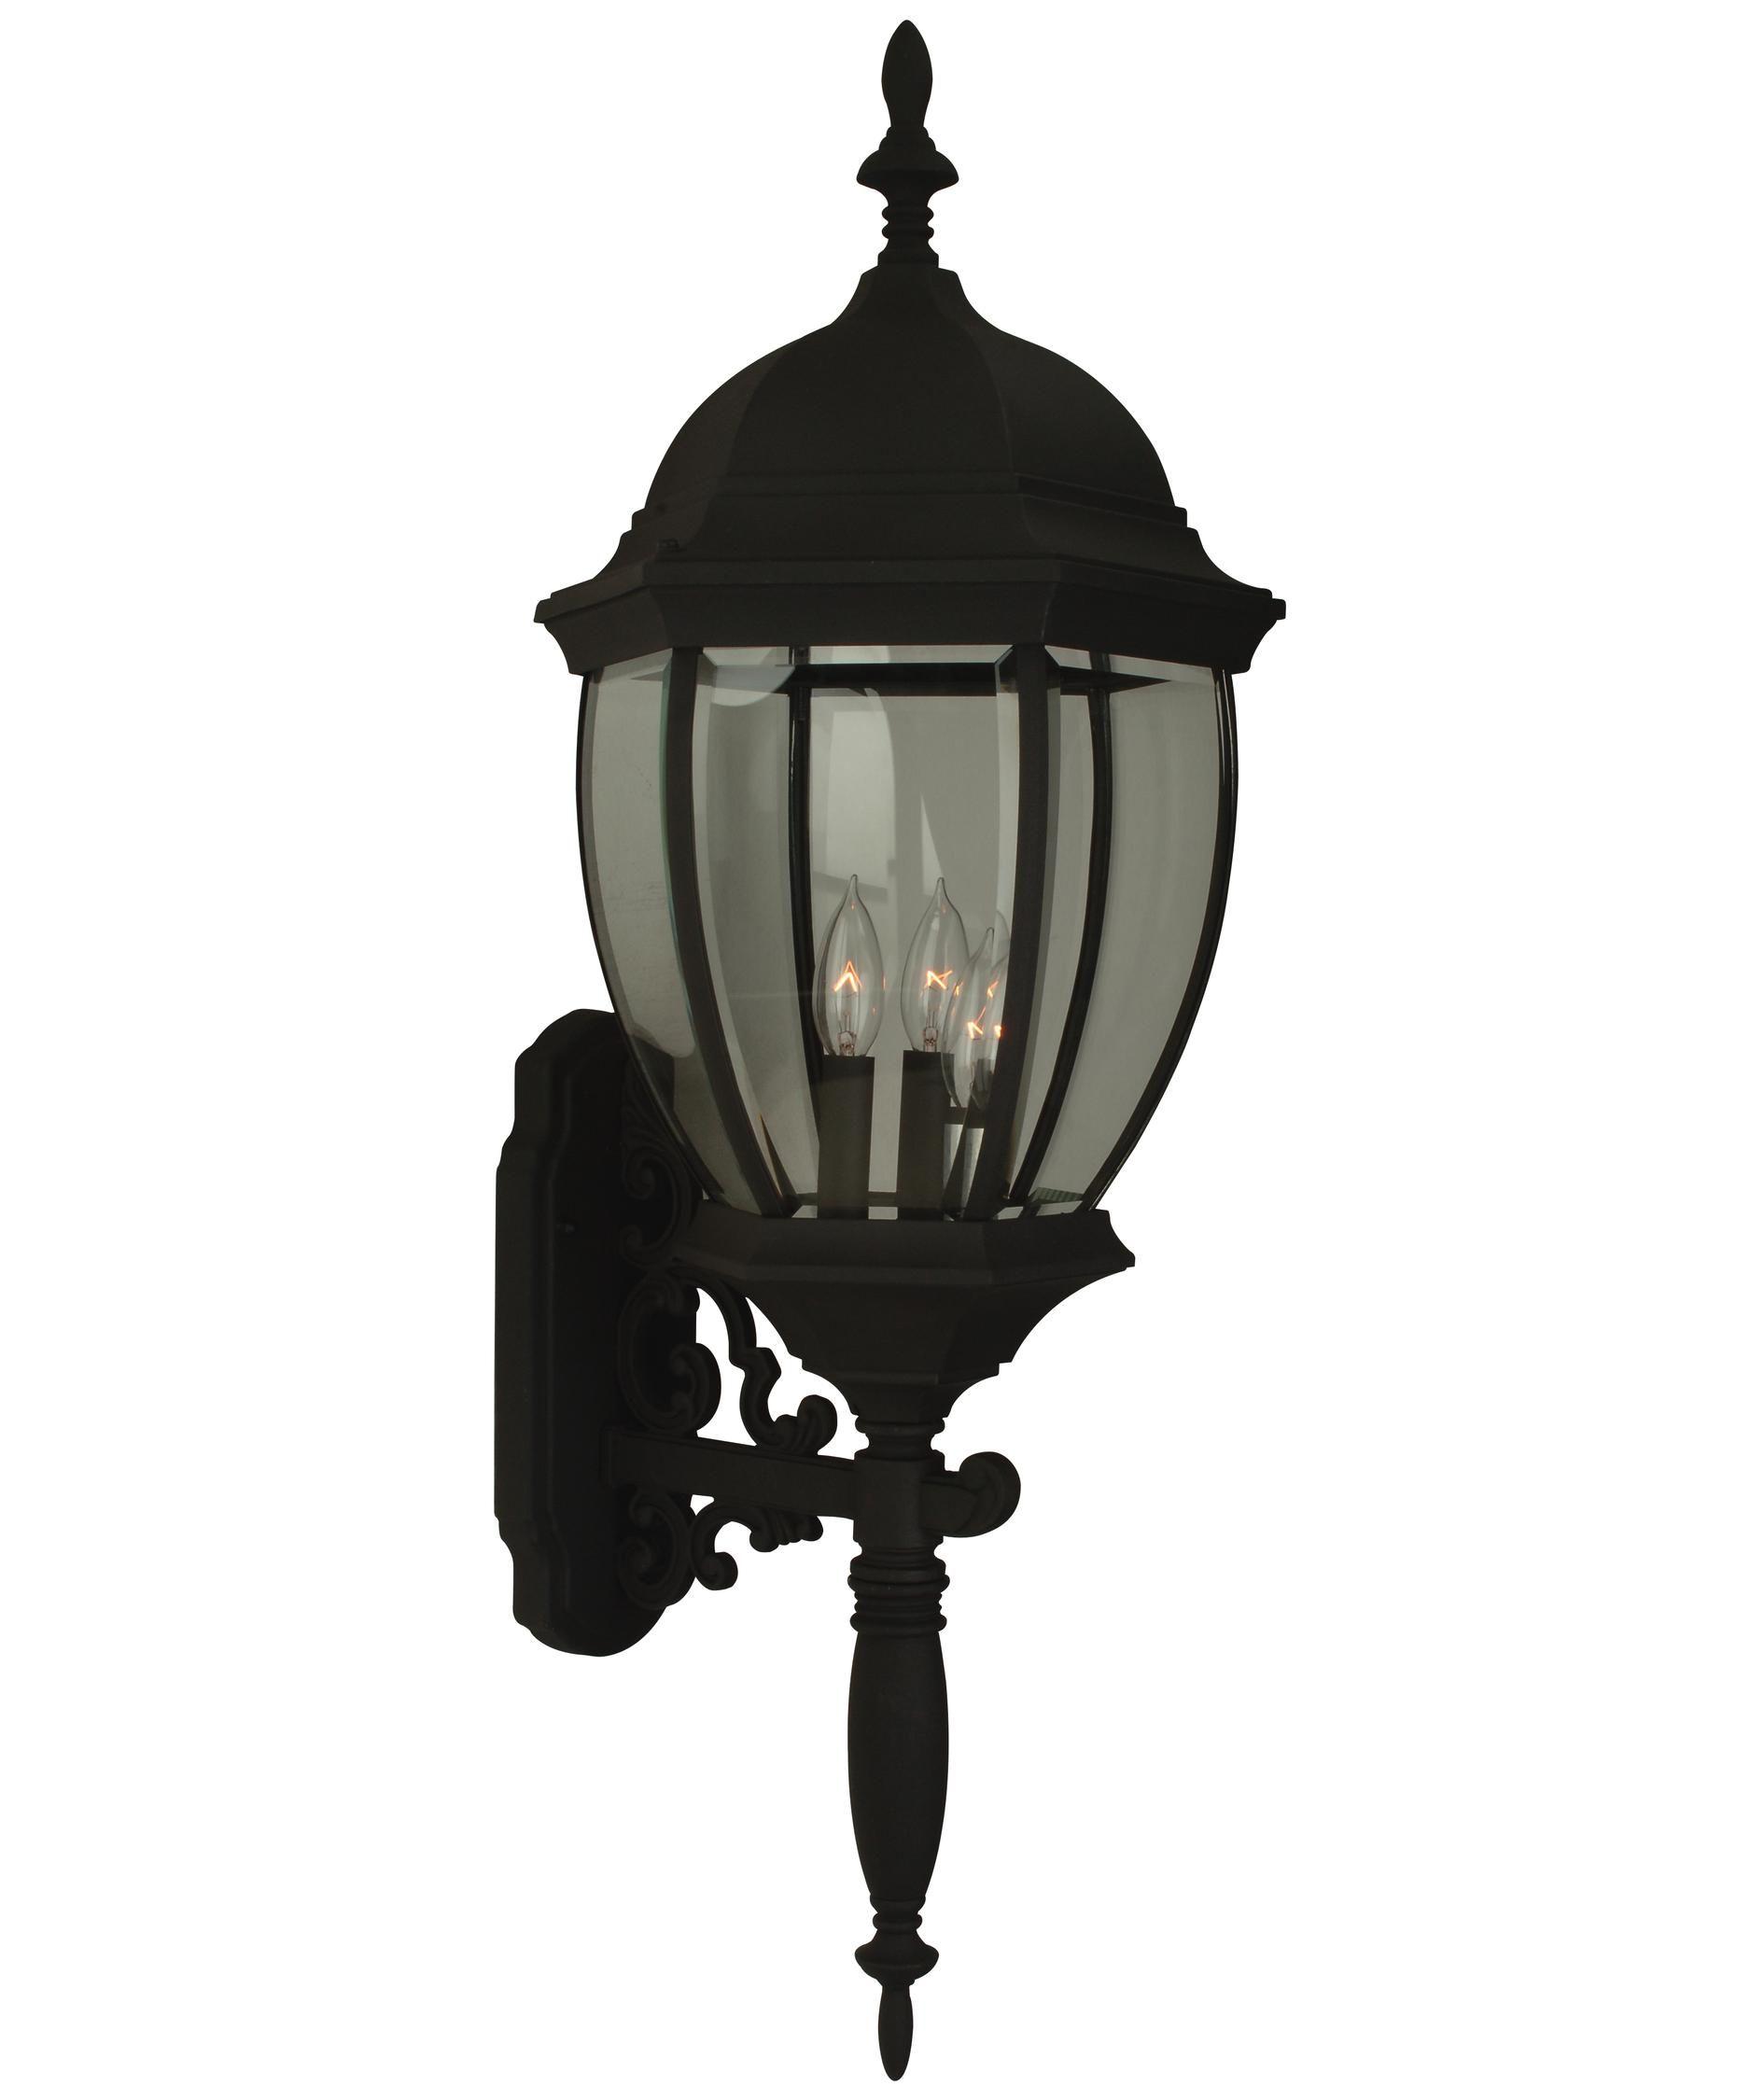 Craftmade z bent glass light outdoor wall light hoa belle